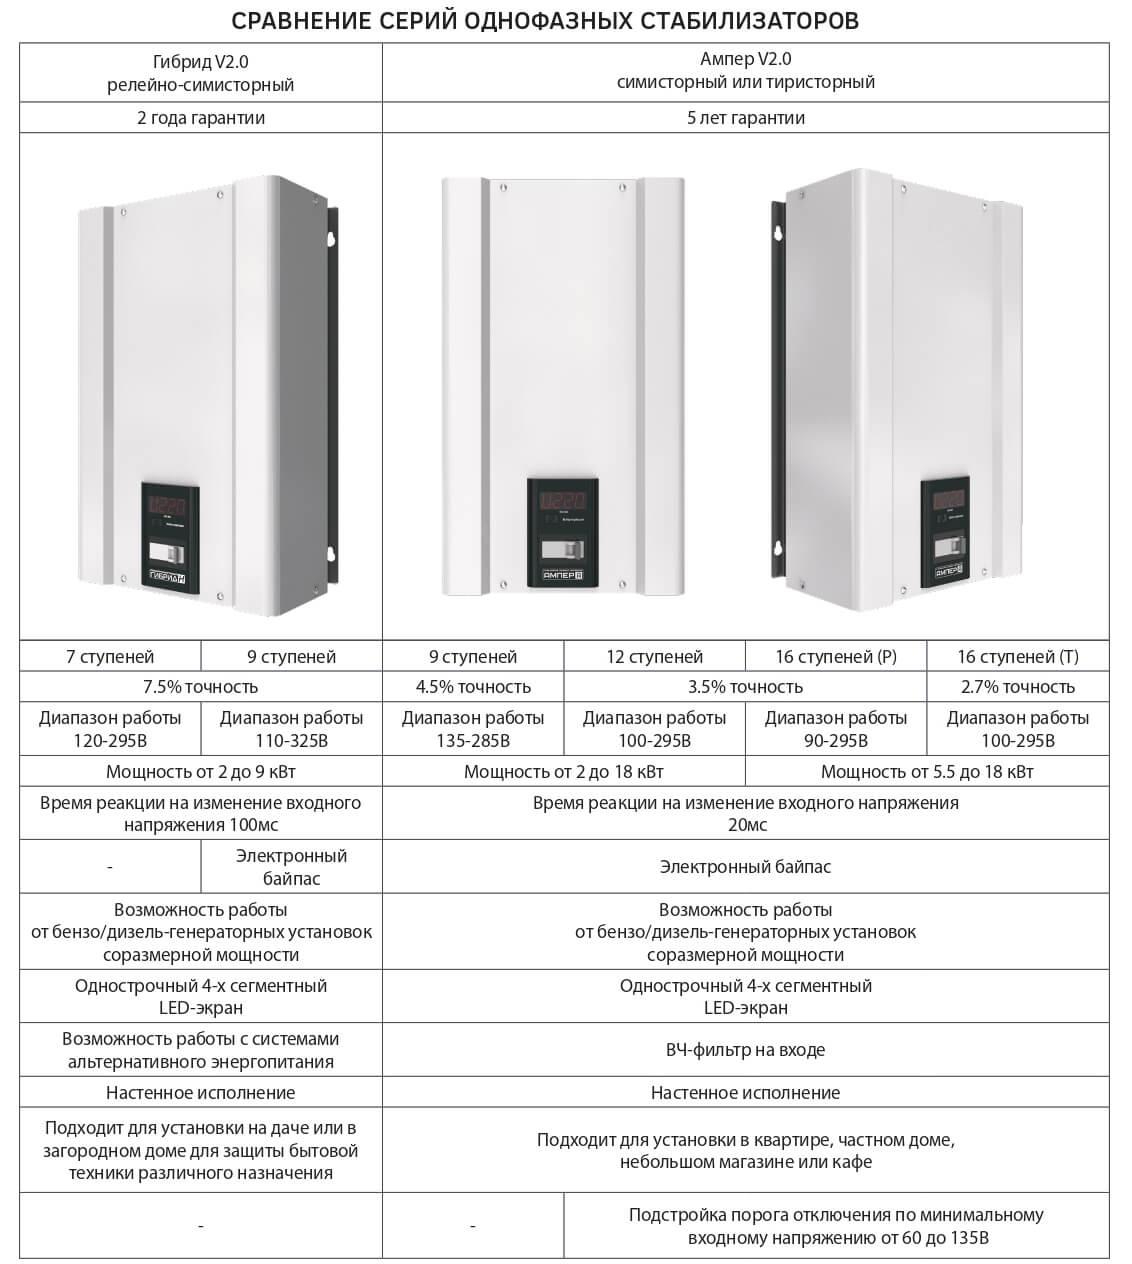 Сравнение однофазных стабилизаторов серий Гибрид и Ампер